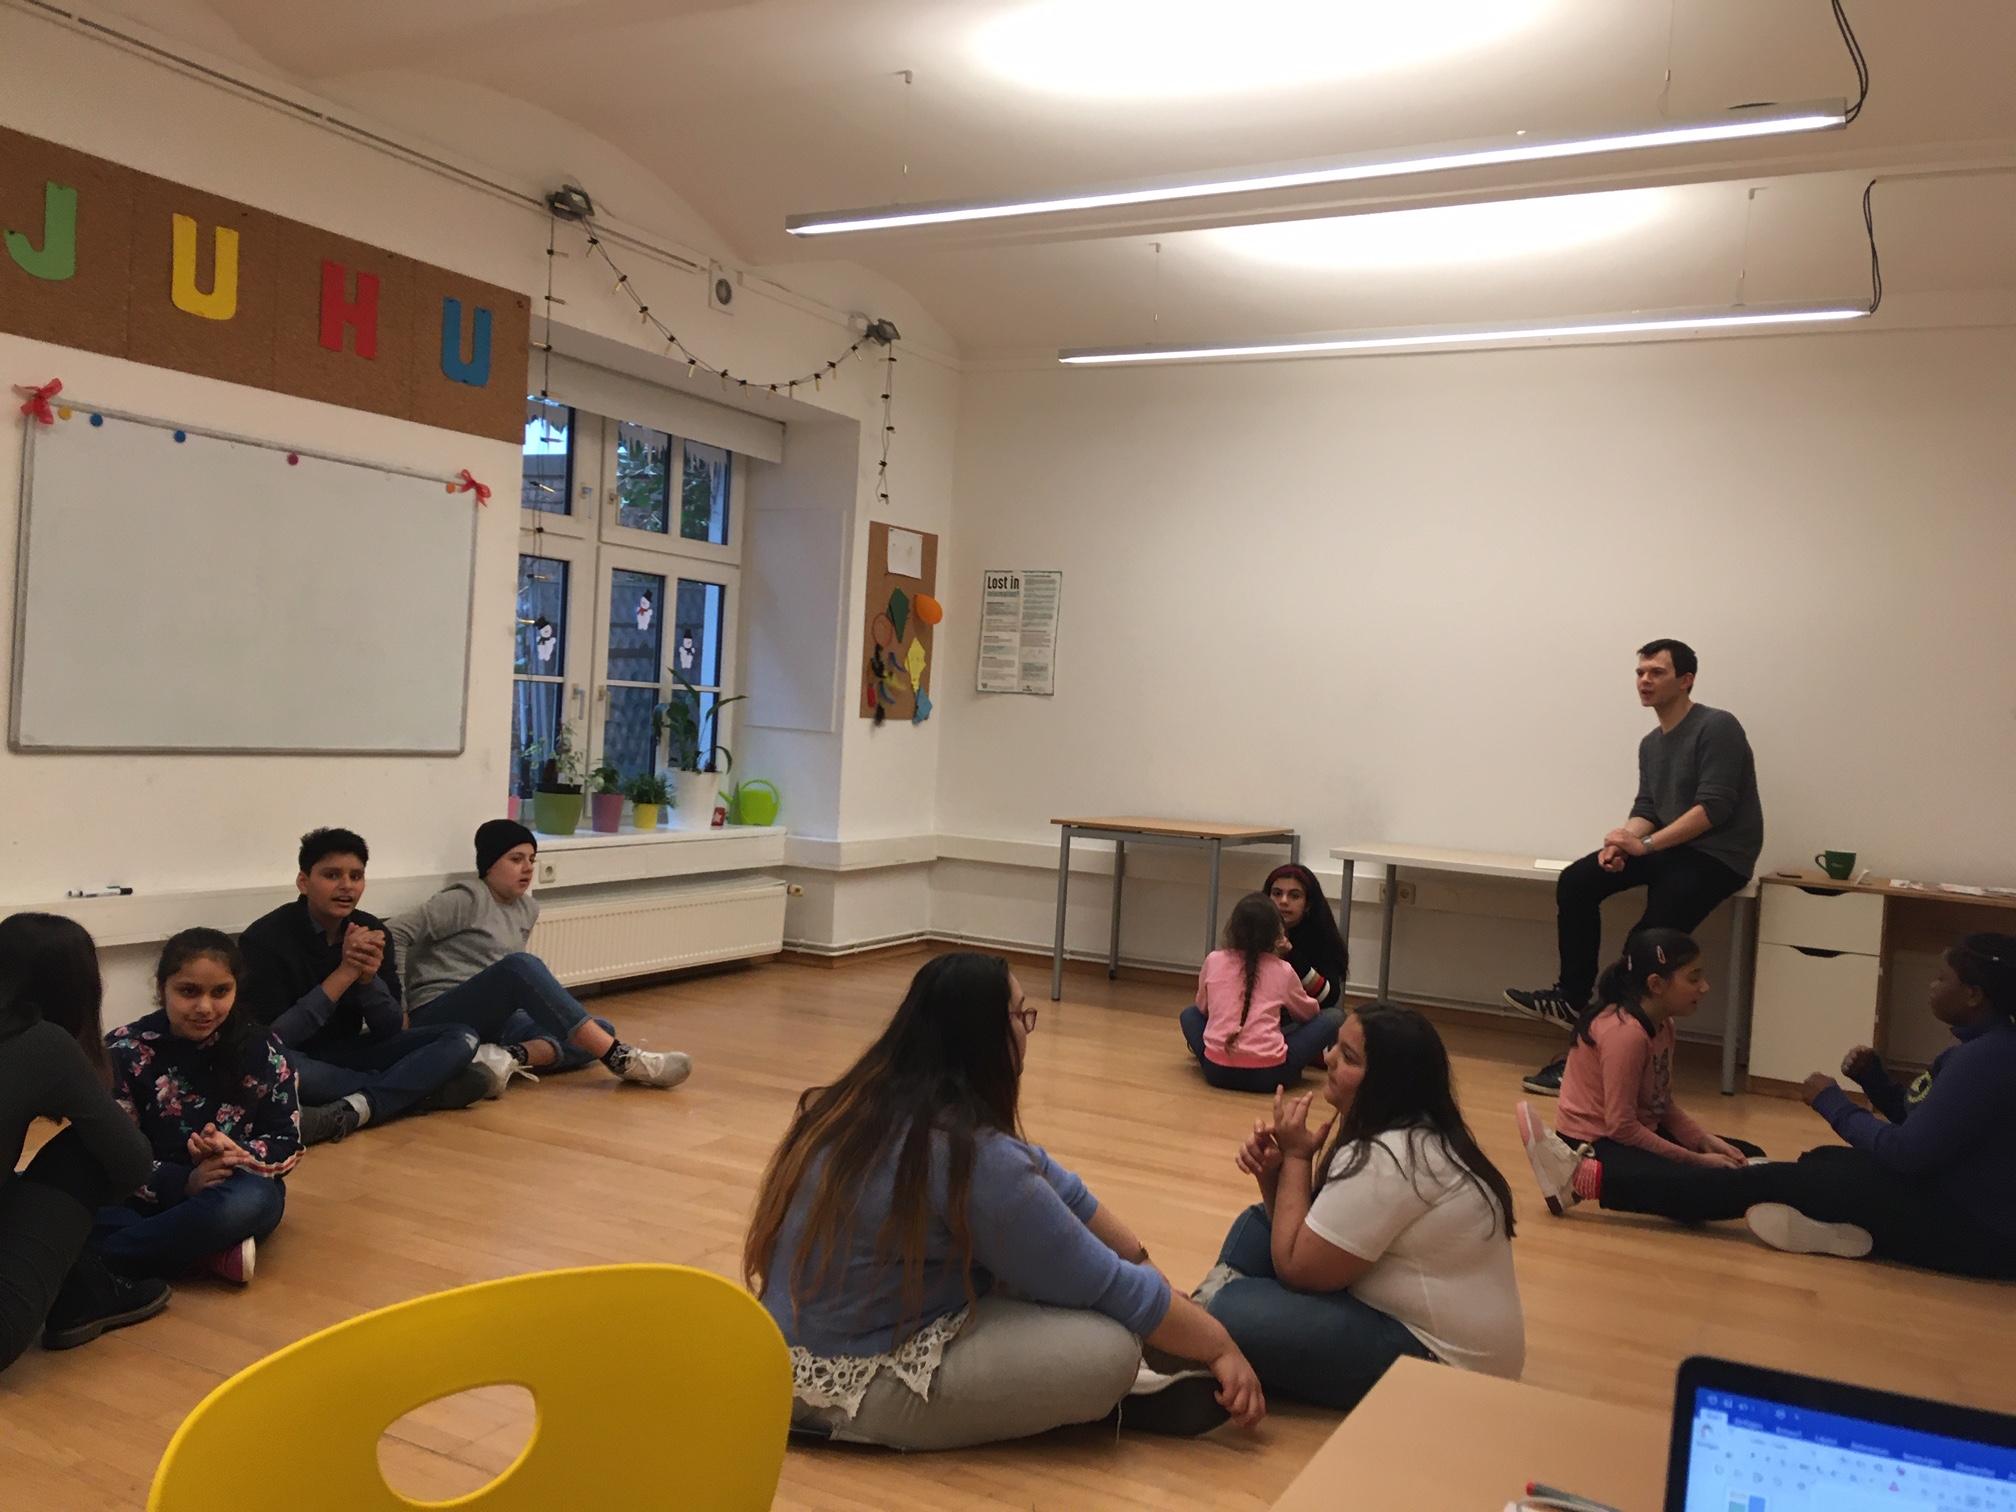 Burgtheaterprojekt-Teil-1-Übungen